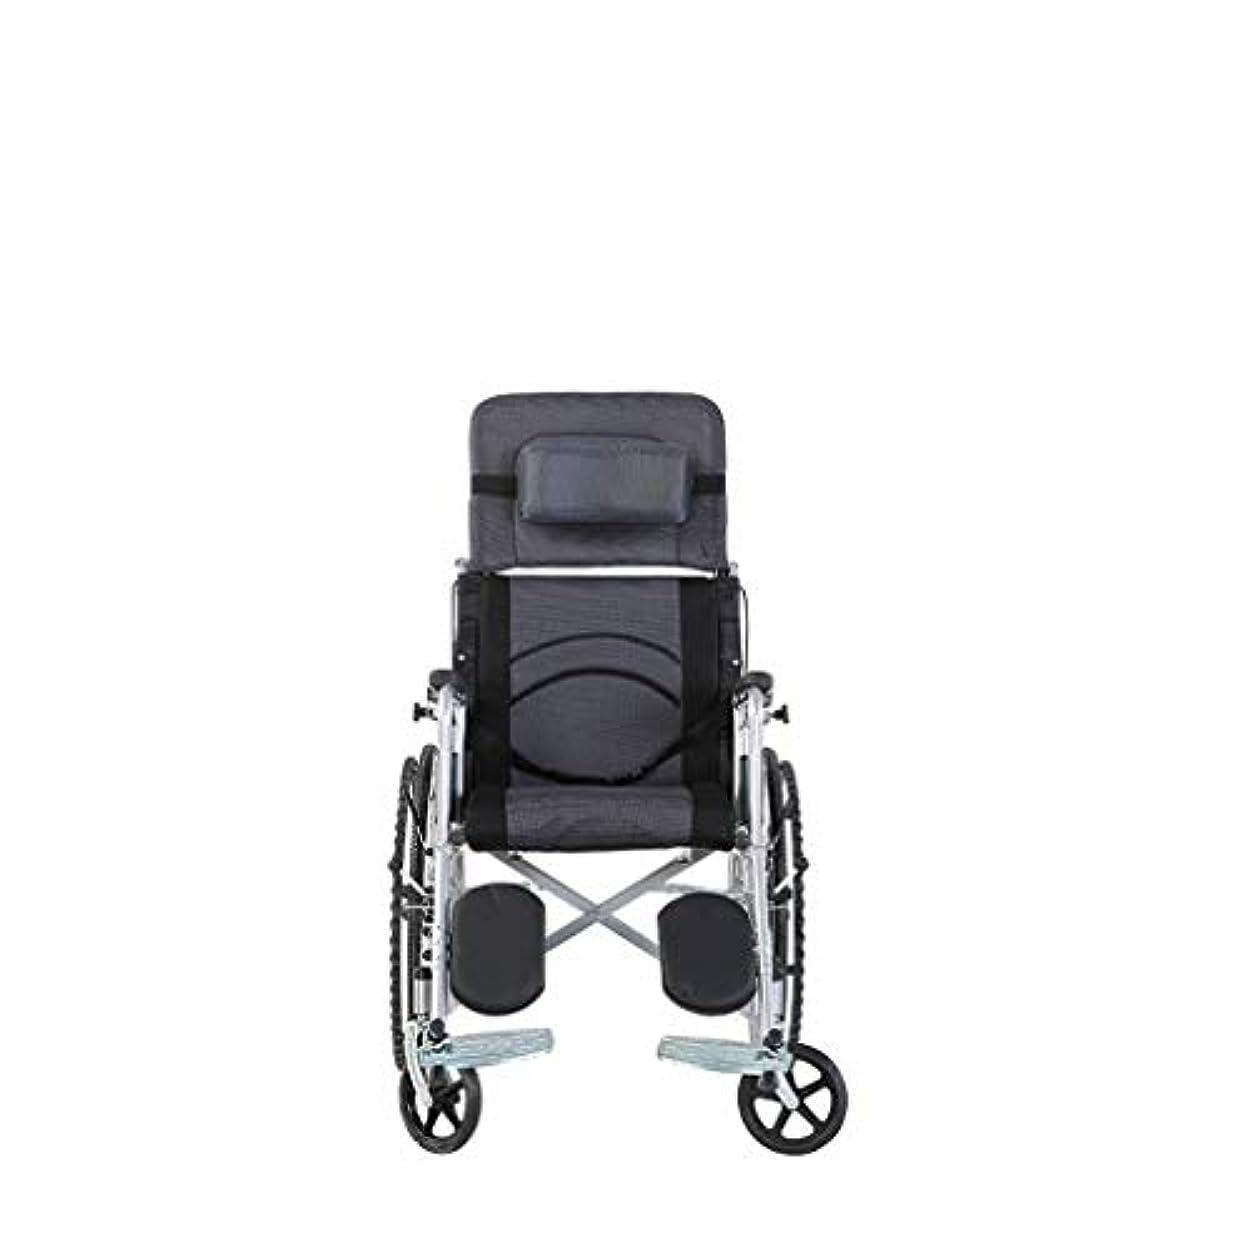 壮大高価な第五車椅子折りたたみポータブル多目的車椅子、高齢者ポータブルトロリー、身体障害者用屋外車椅子